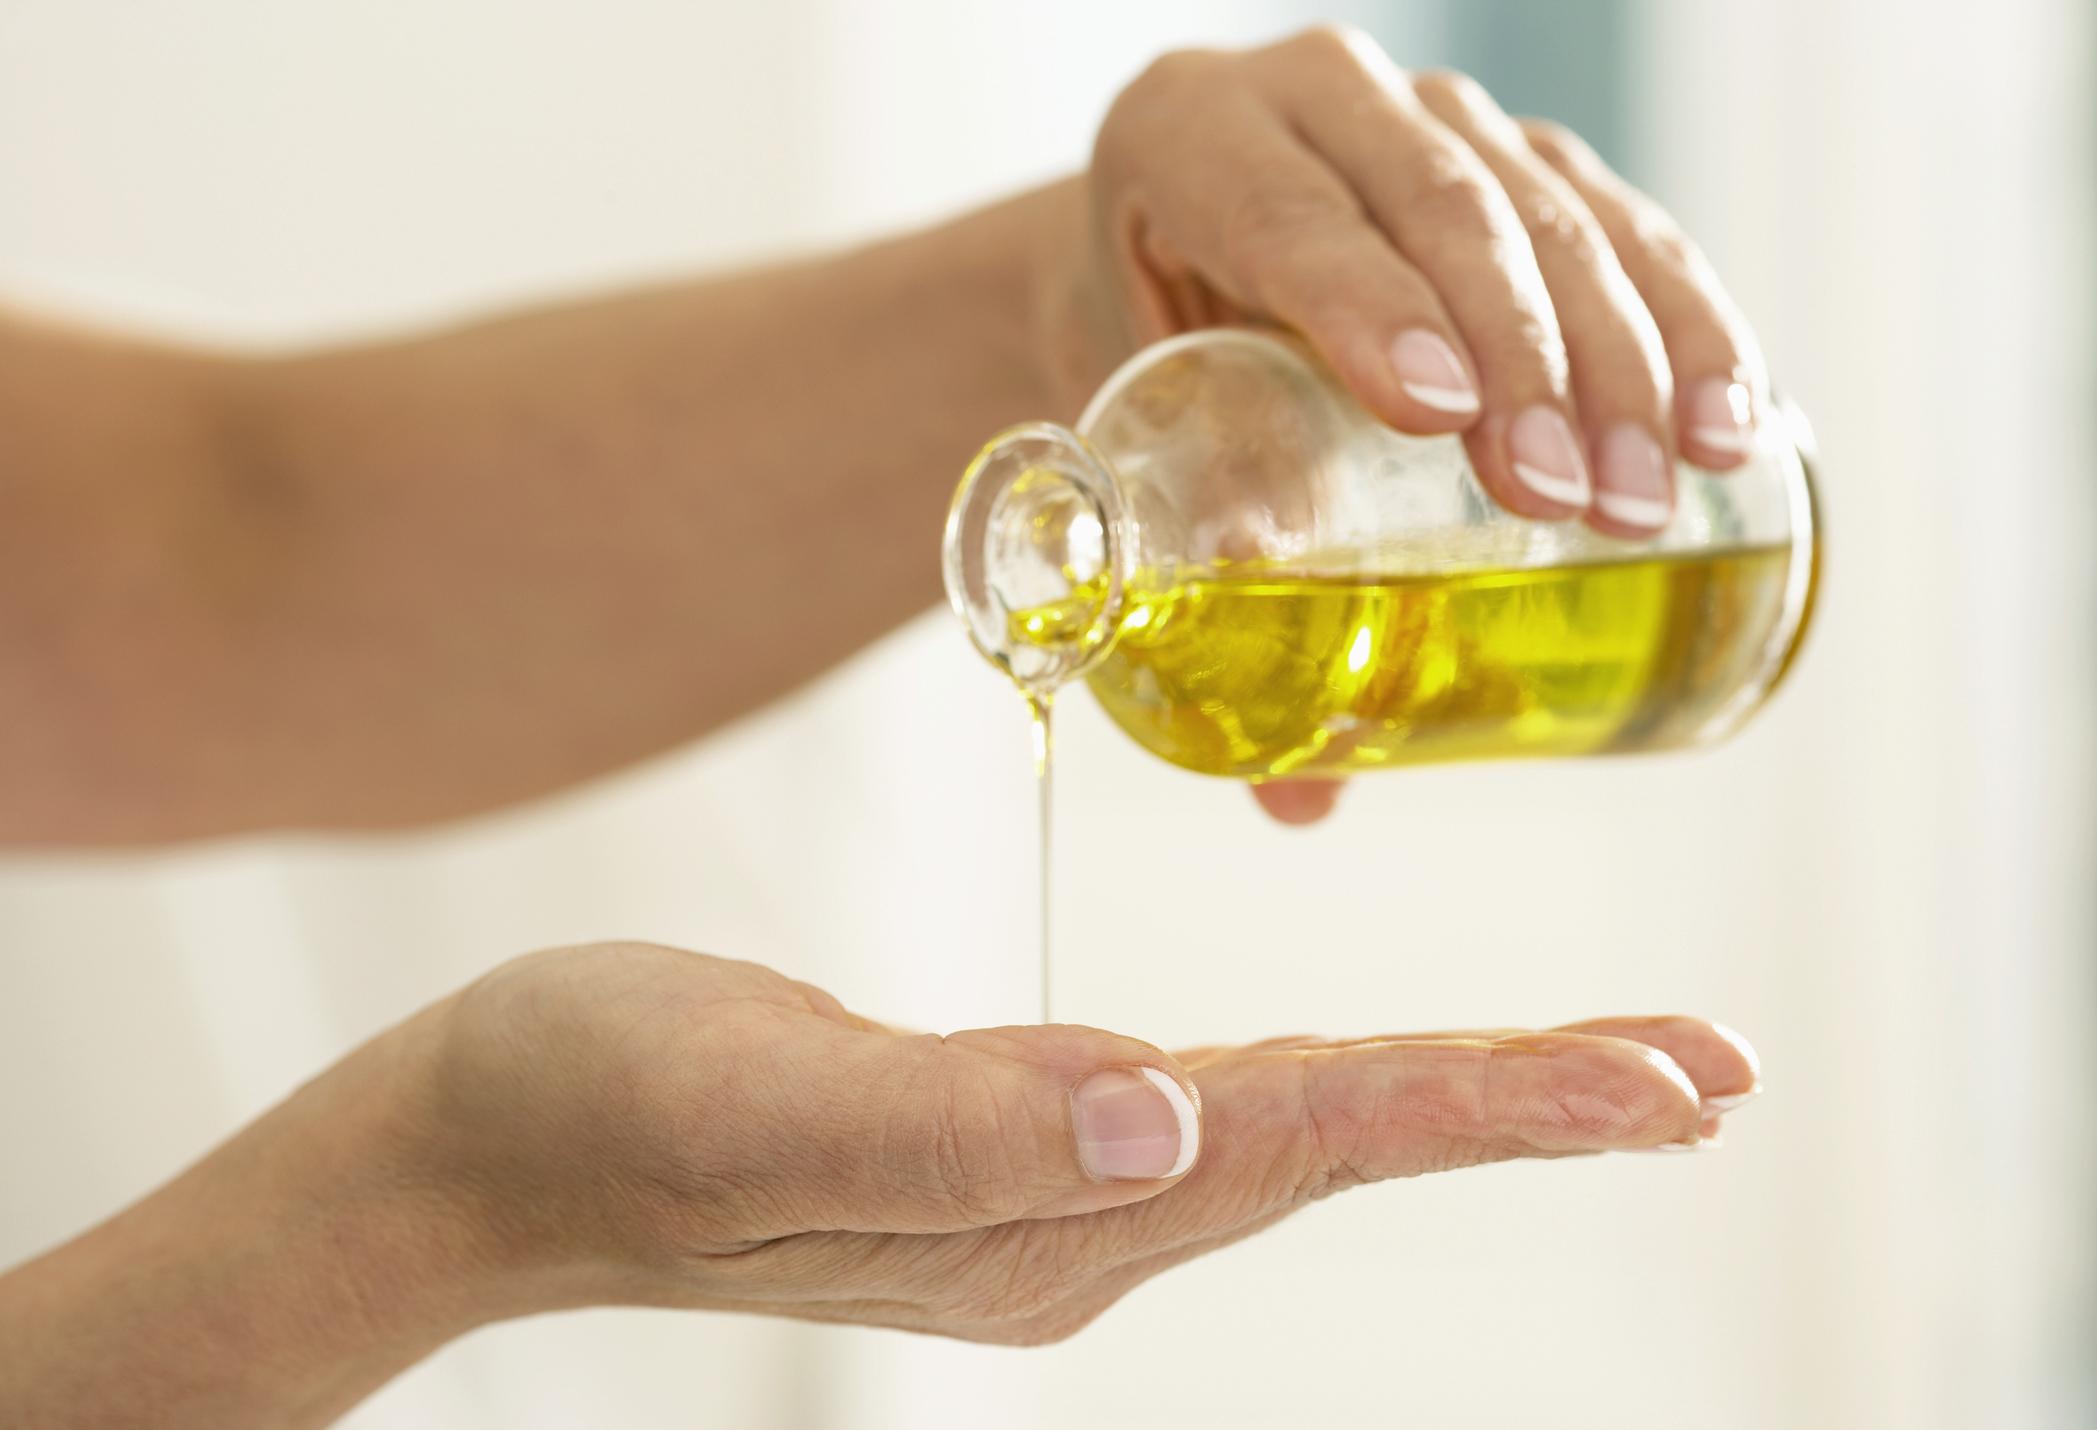 Арганово масло - Ако пък искате да имате меки и здрави кожички около ноктите или да заздравите ранички, използвайте познатото арганово масло или просто зехтин, който ще спомогне кожата да заздравее и да е мека.